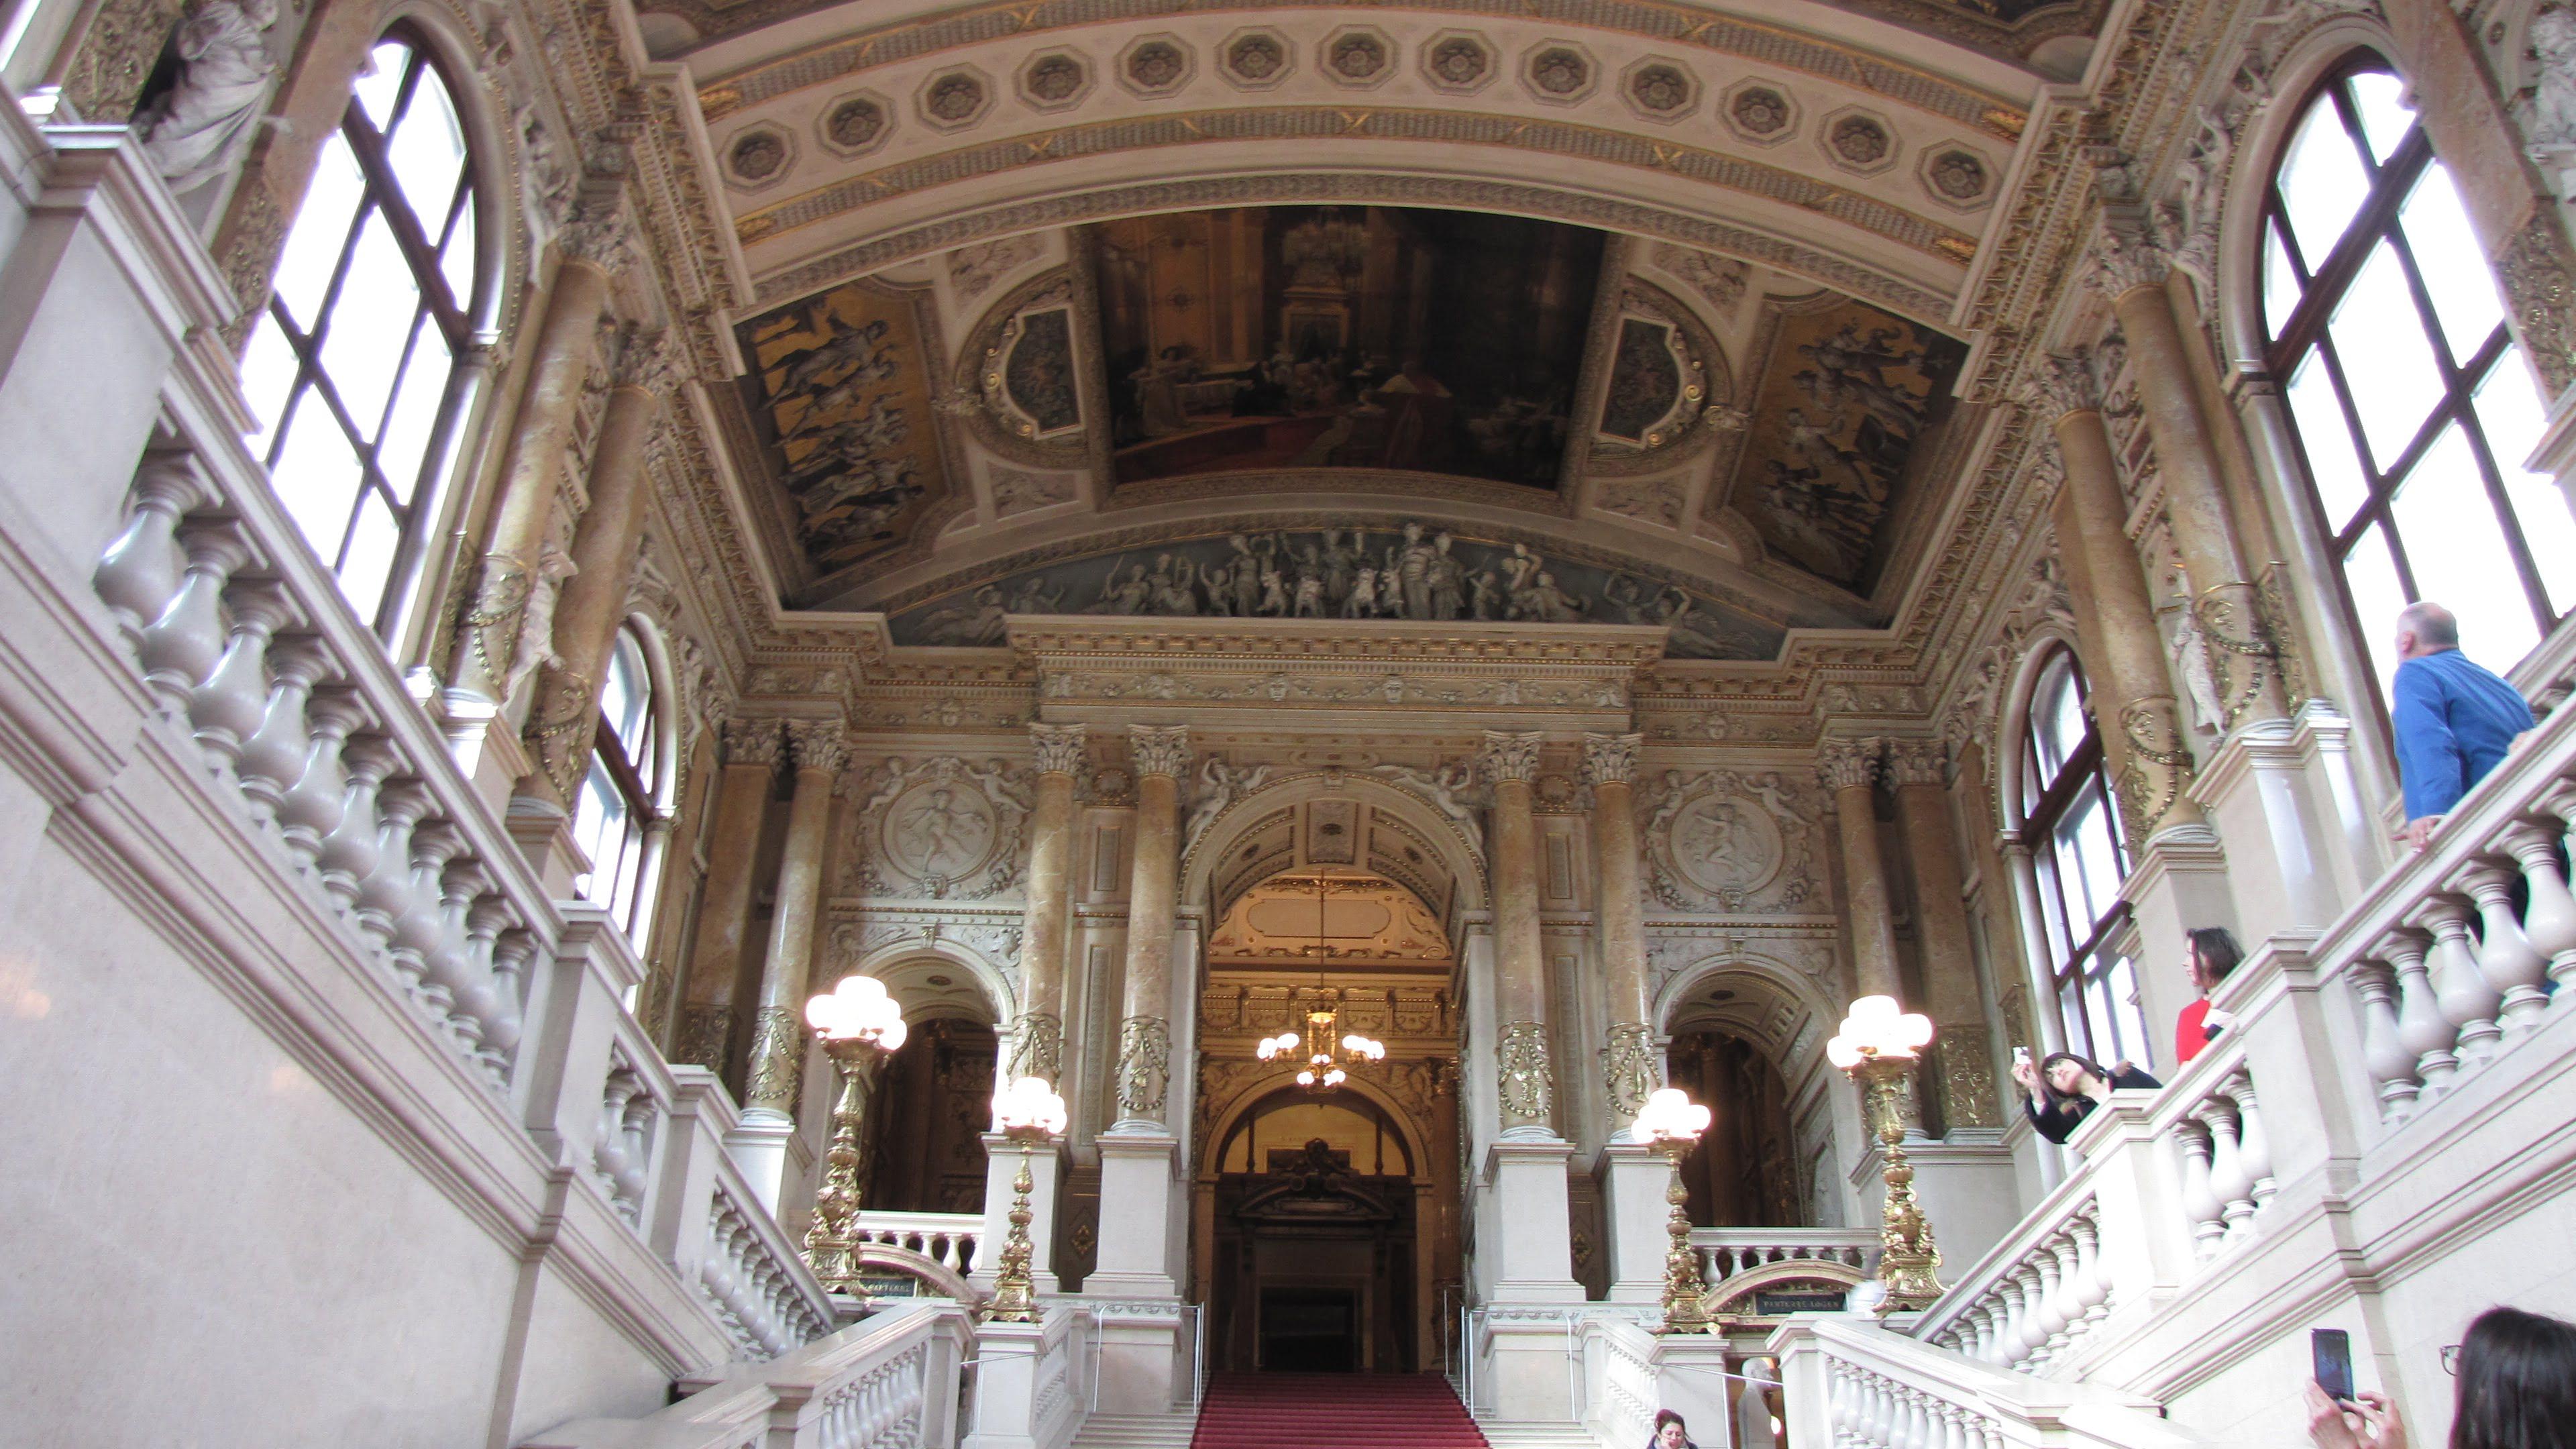 Бургтеатр, Густав Климт, или изучаем историю театра по картинам на потолке.